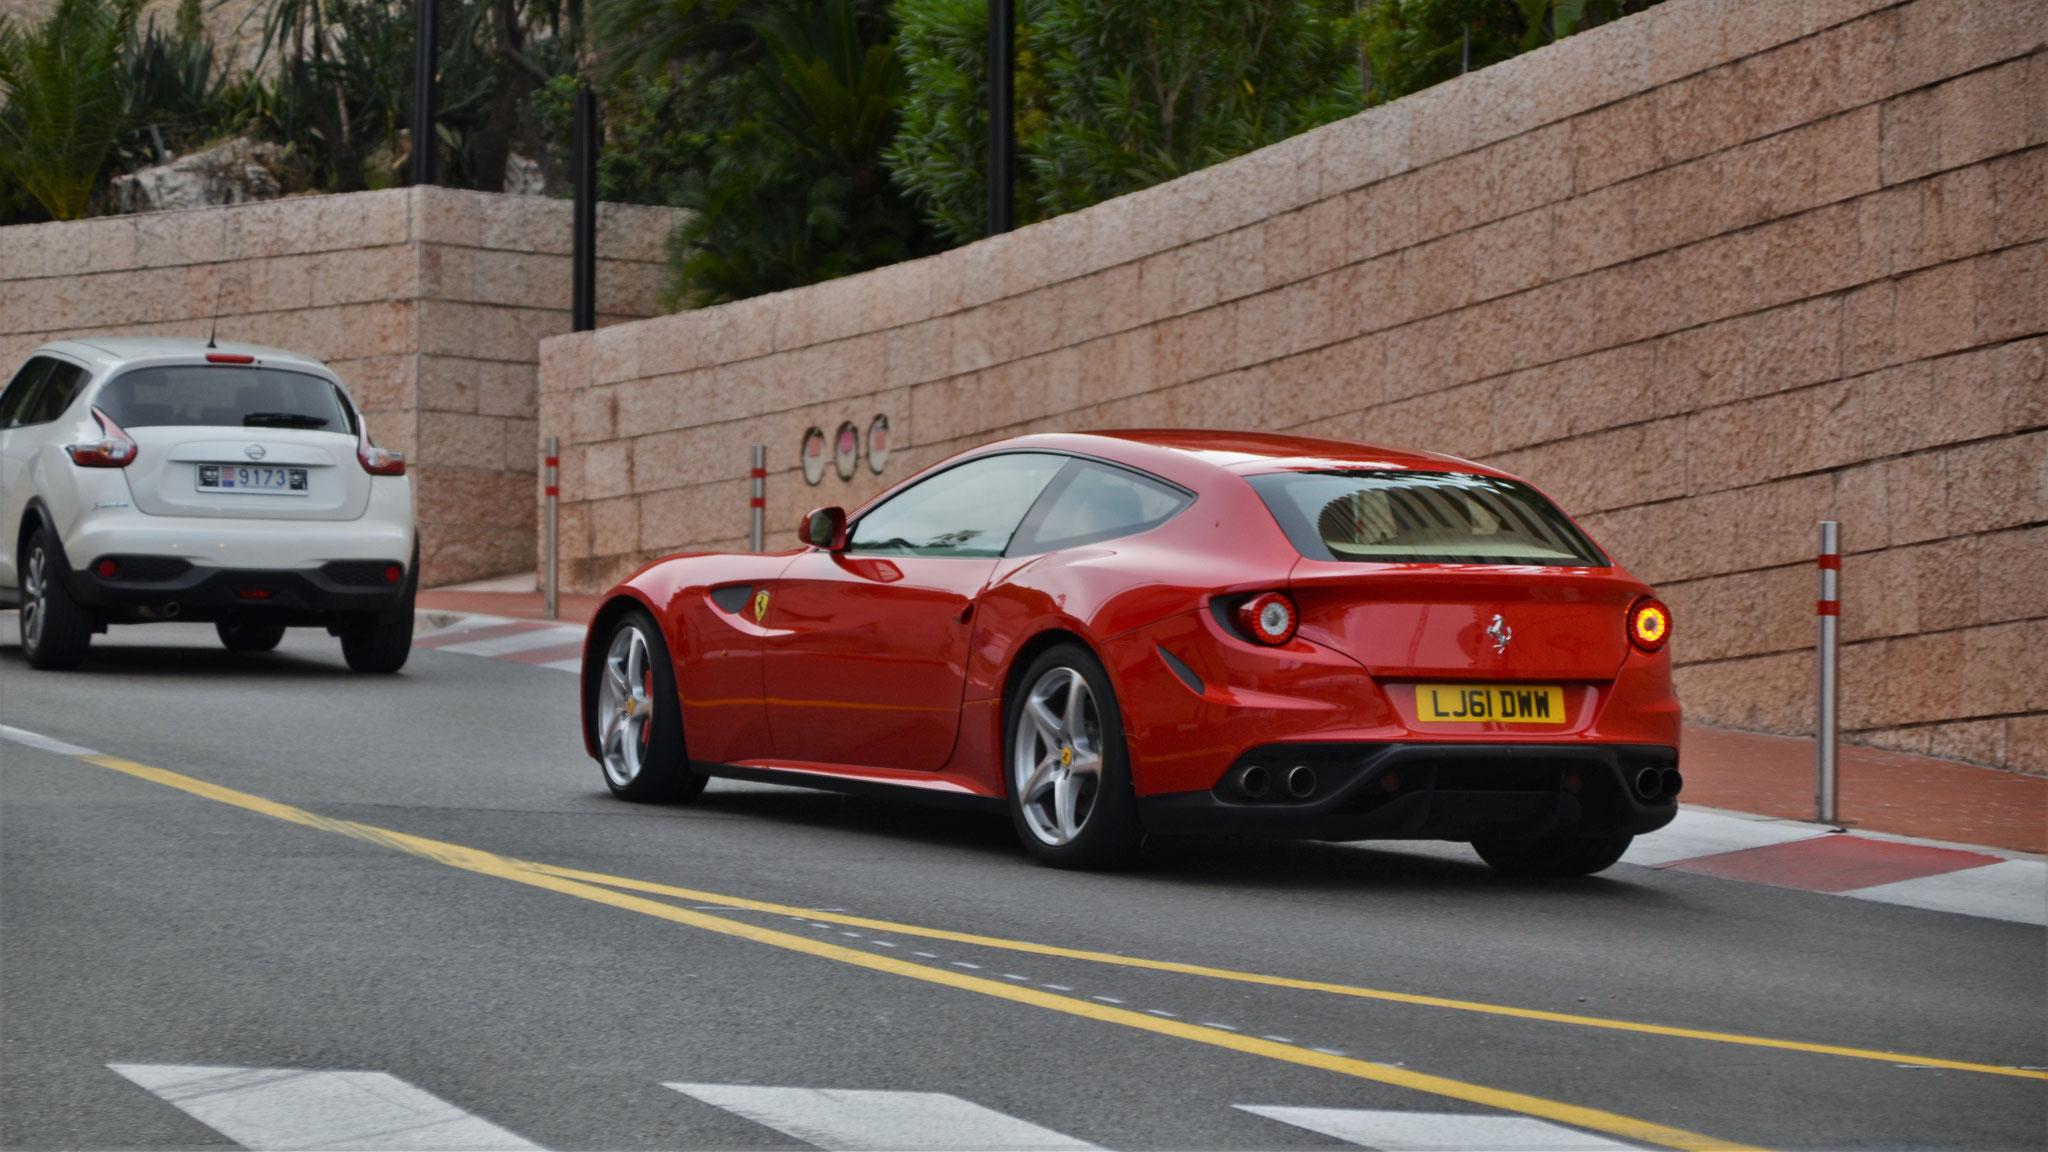 Ferrari FF - LJ61-DWW (GB)